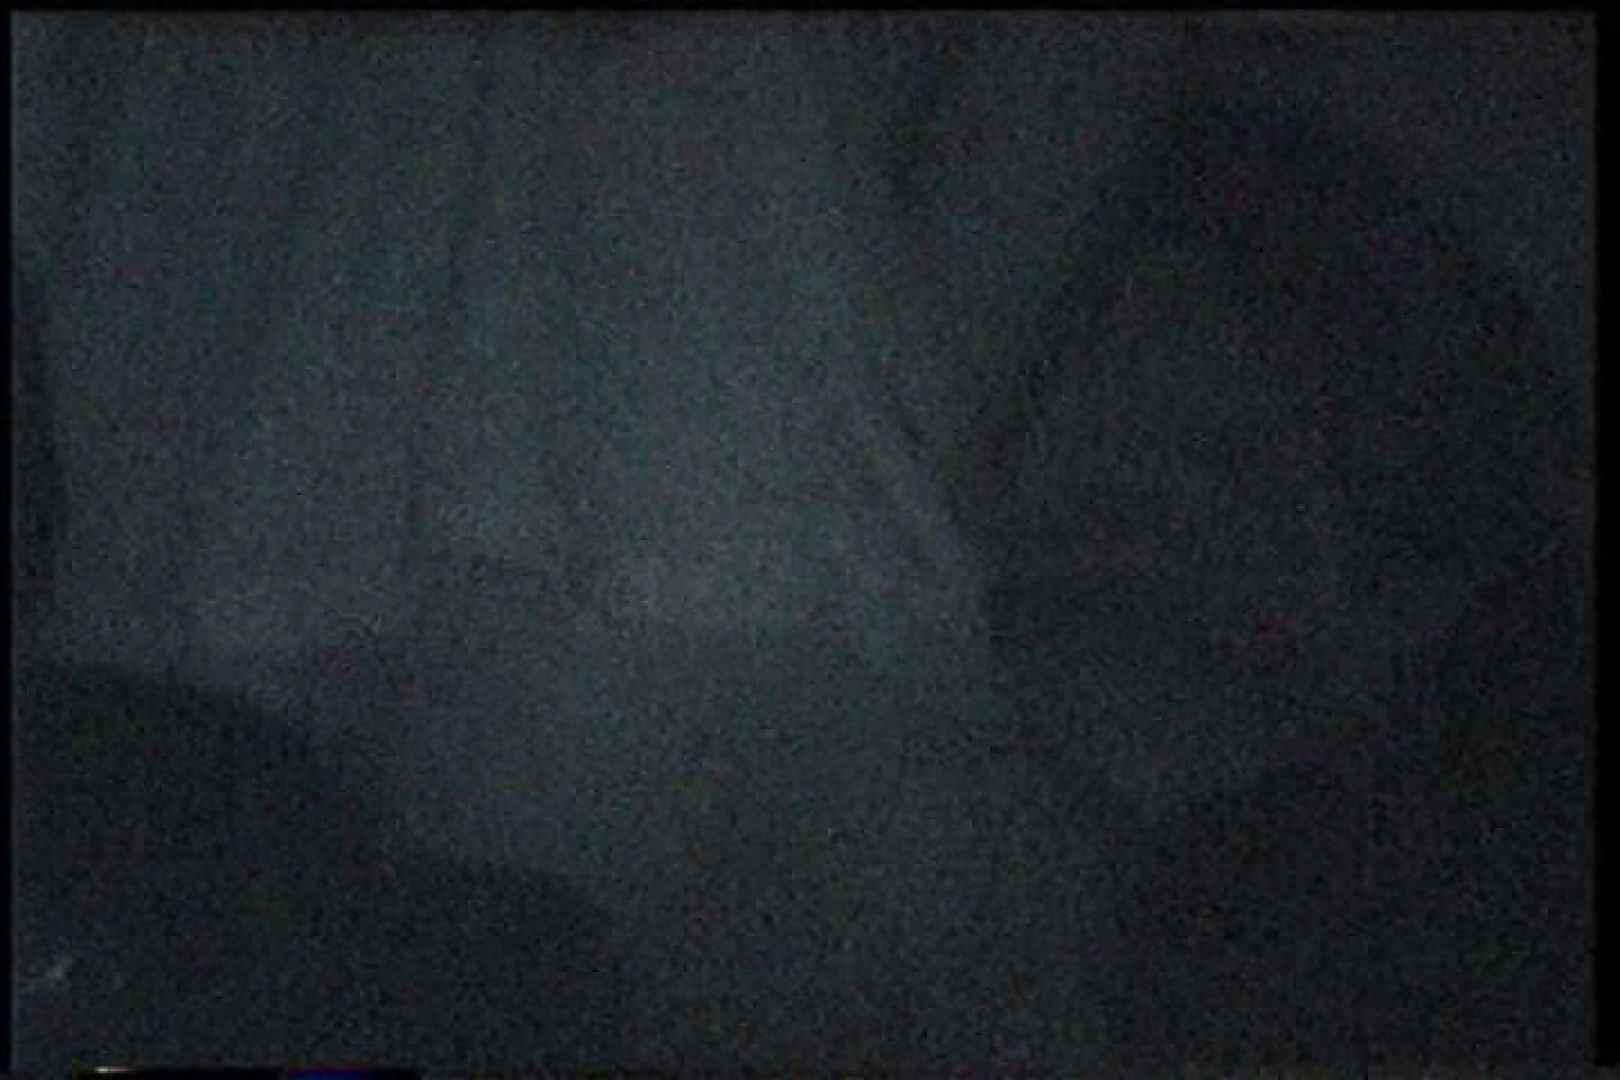 充血監督の深夜の運動会Vol.172 ぱっくり下半身 のぞき動画画像 64画像 17